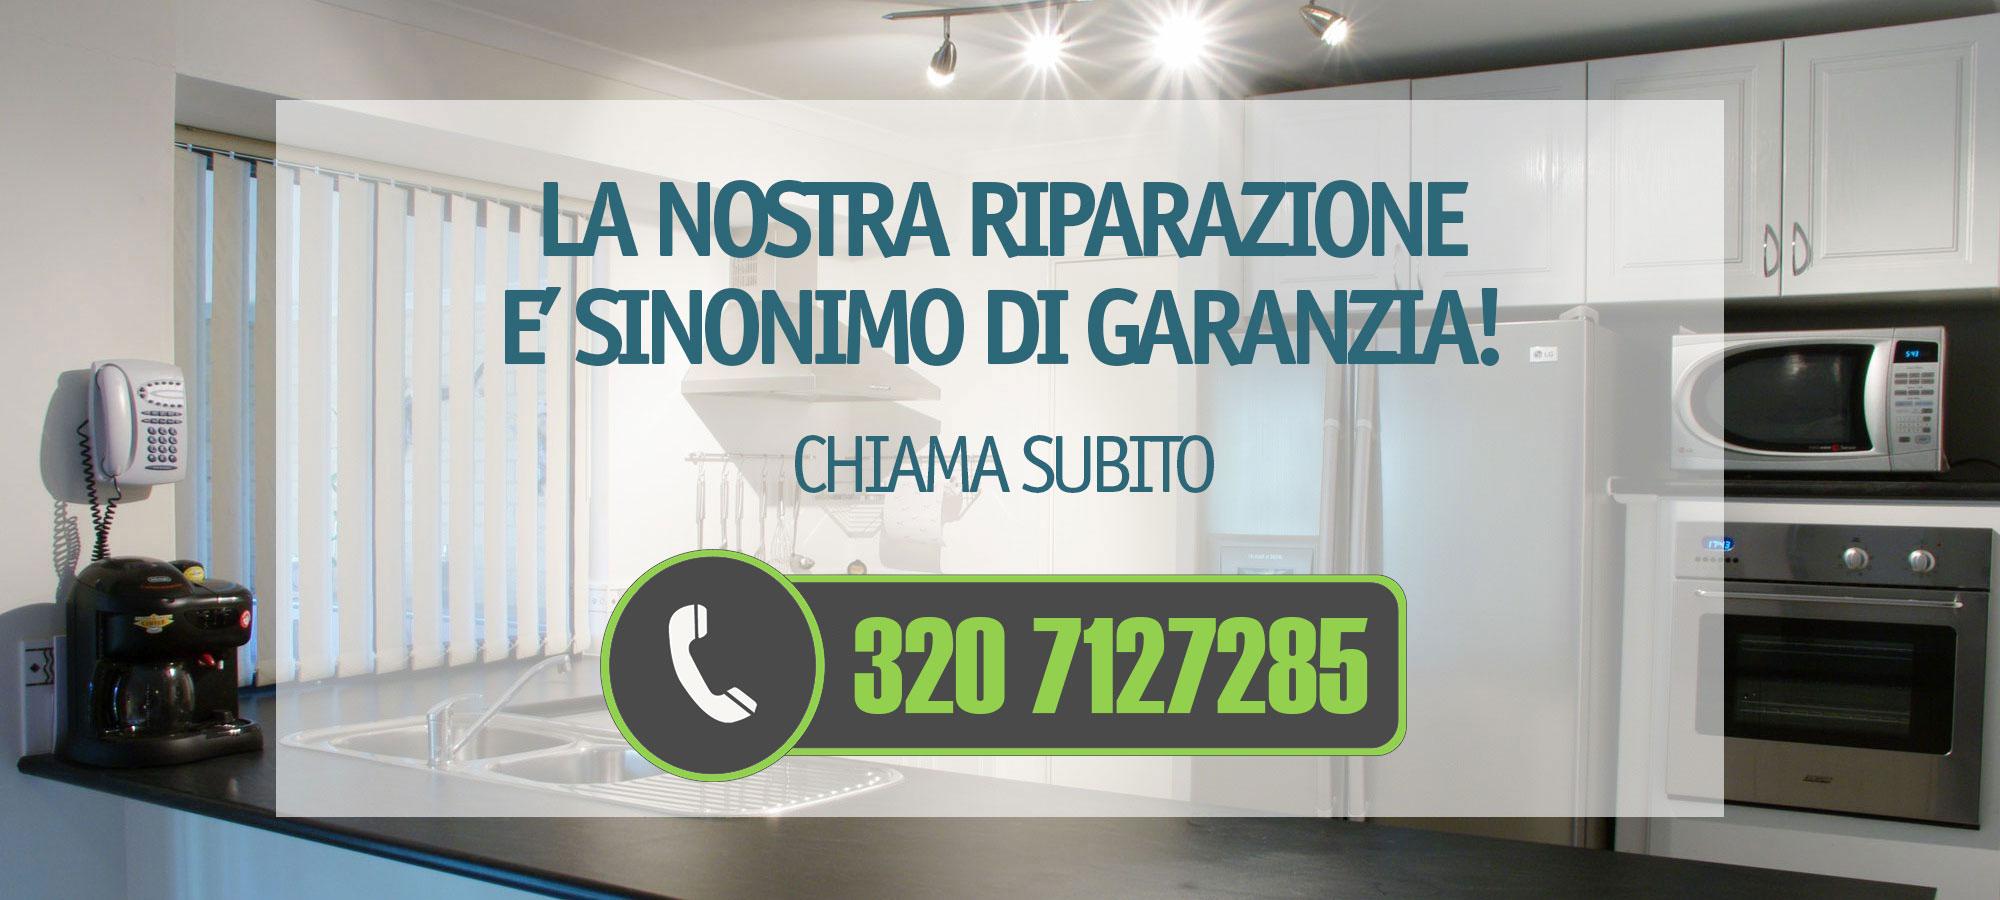 Assistenza Whirlpool Monza.Elettrodomestici Monza E Brianza Home Elettrodomestici